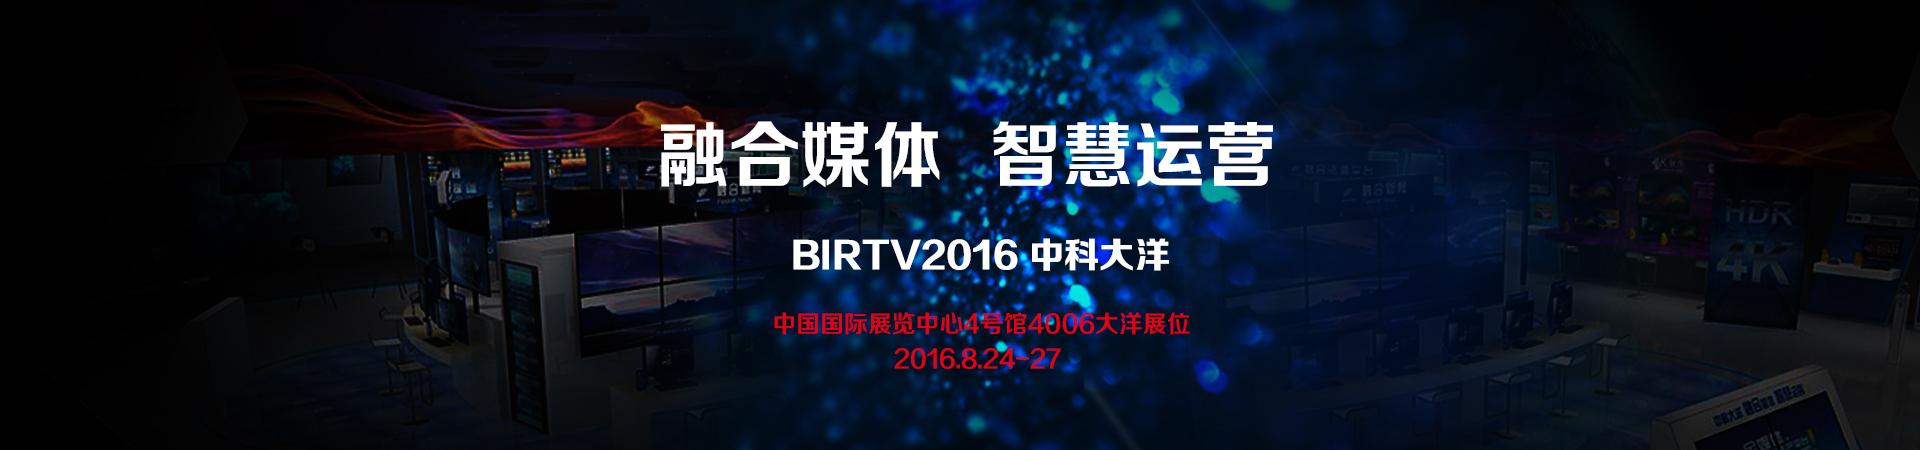 """探索""""融合媒体""""之路,分享""""智慧运营""""之法 ——大洋参展BIRTV2016"""